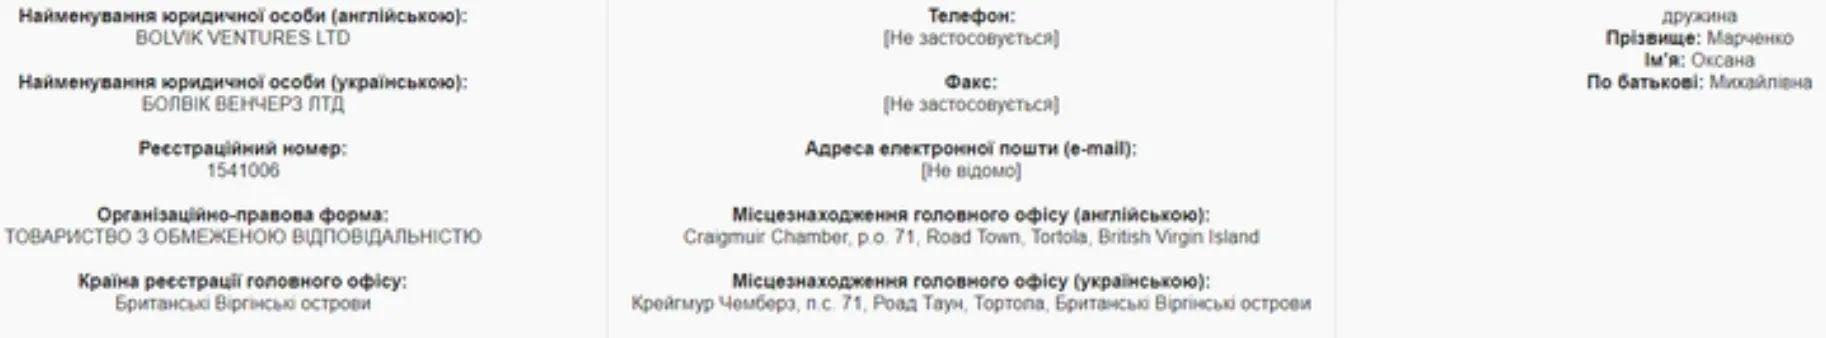 Данные о Bolvik Ventures LTD, которой владеет Оксана Марченко.